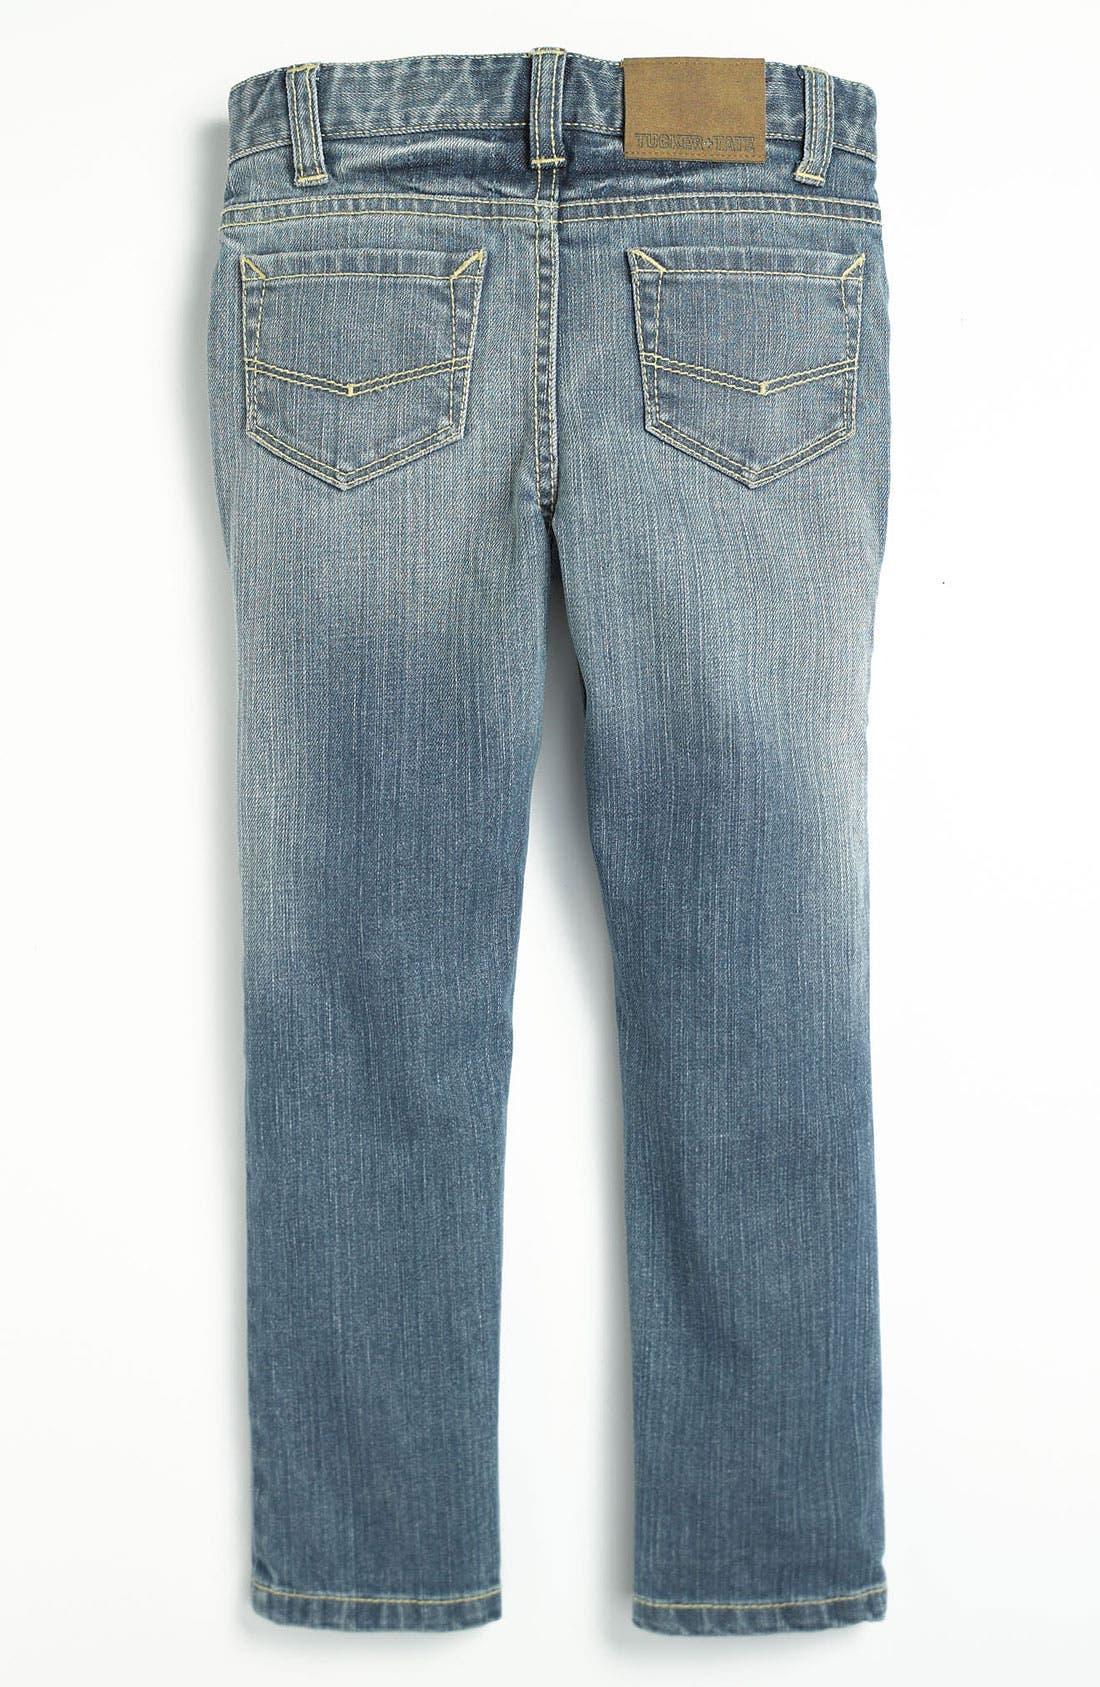 Alternate Image 1 Selected - Tucker + Tate Skinny Jeans (Little Girls)